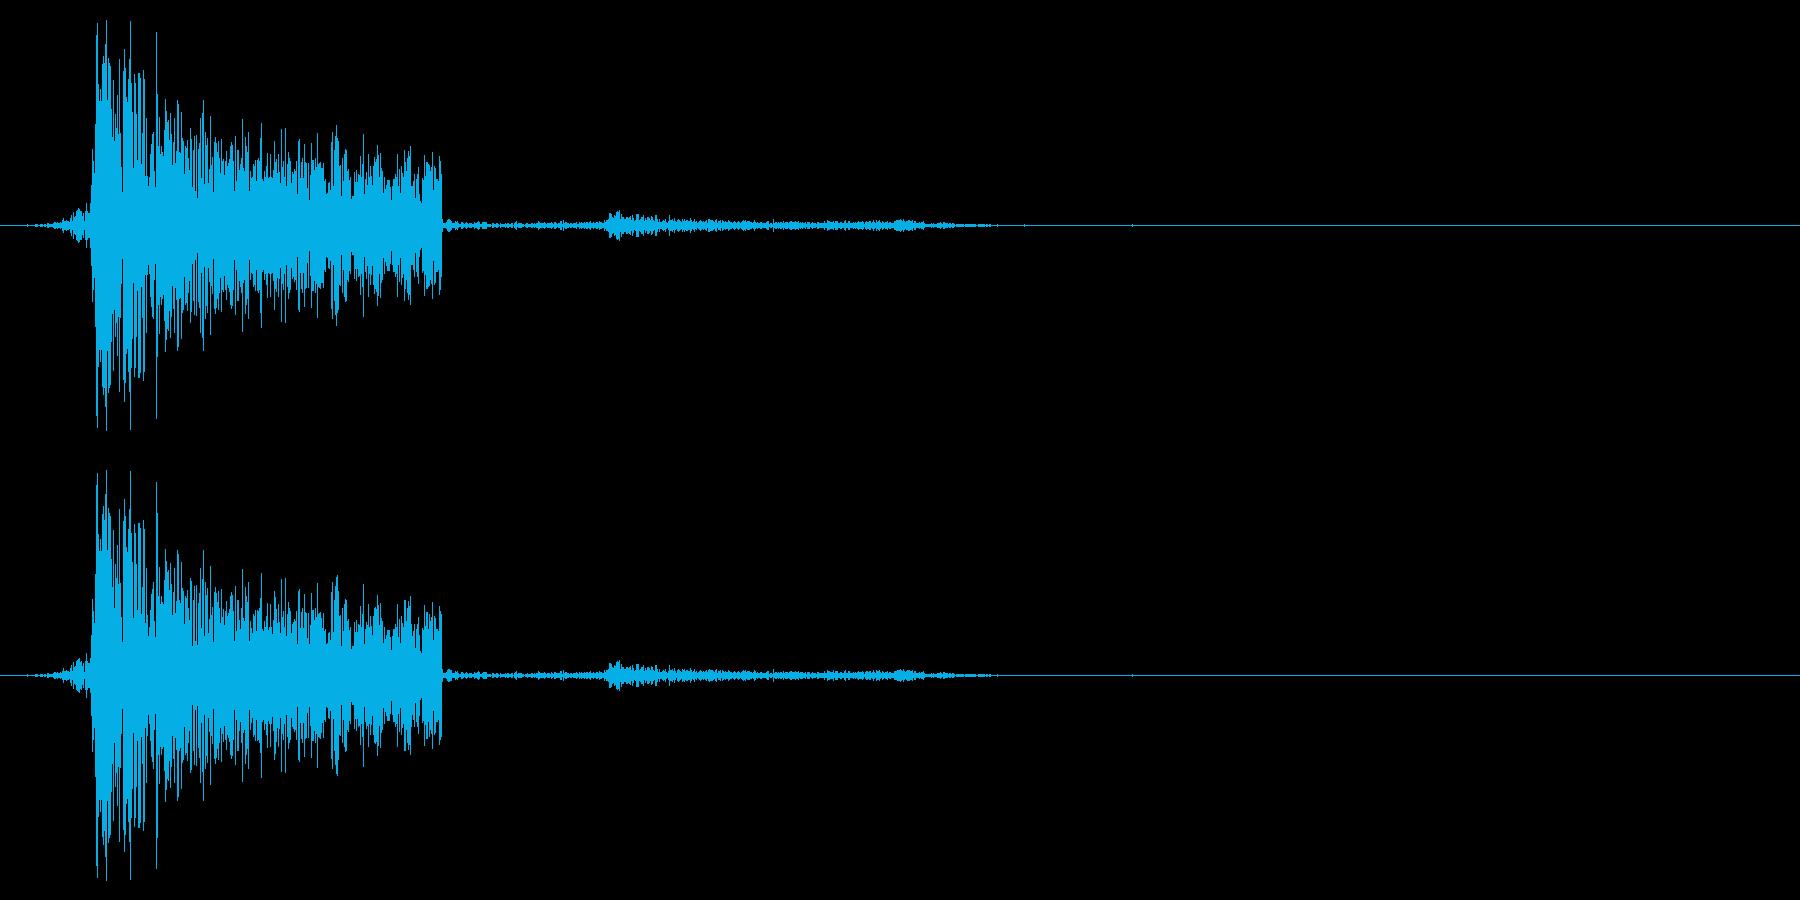 ボタン音などのイメージ(プワシュ)の再生済みの波形